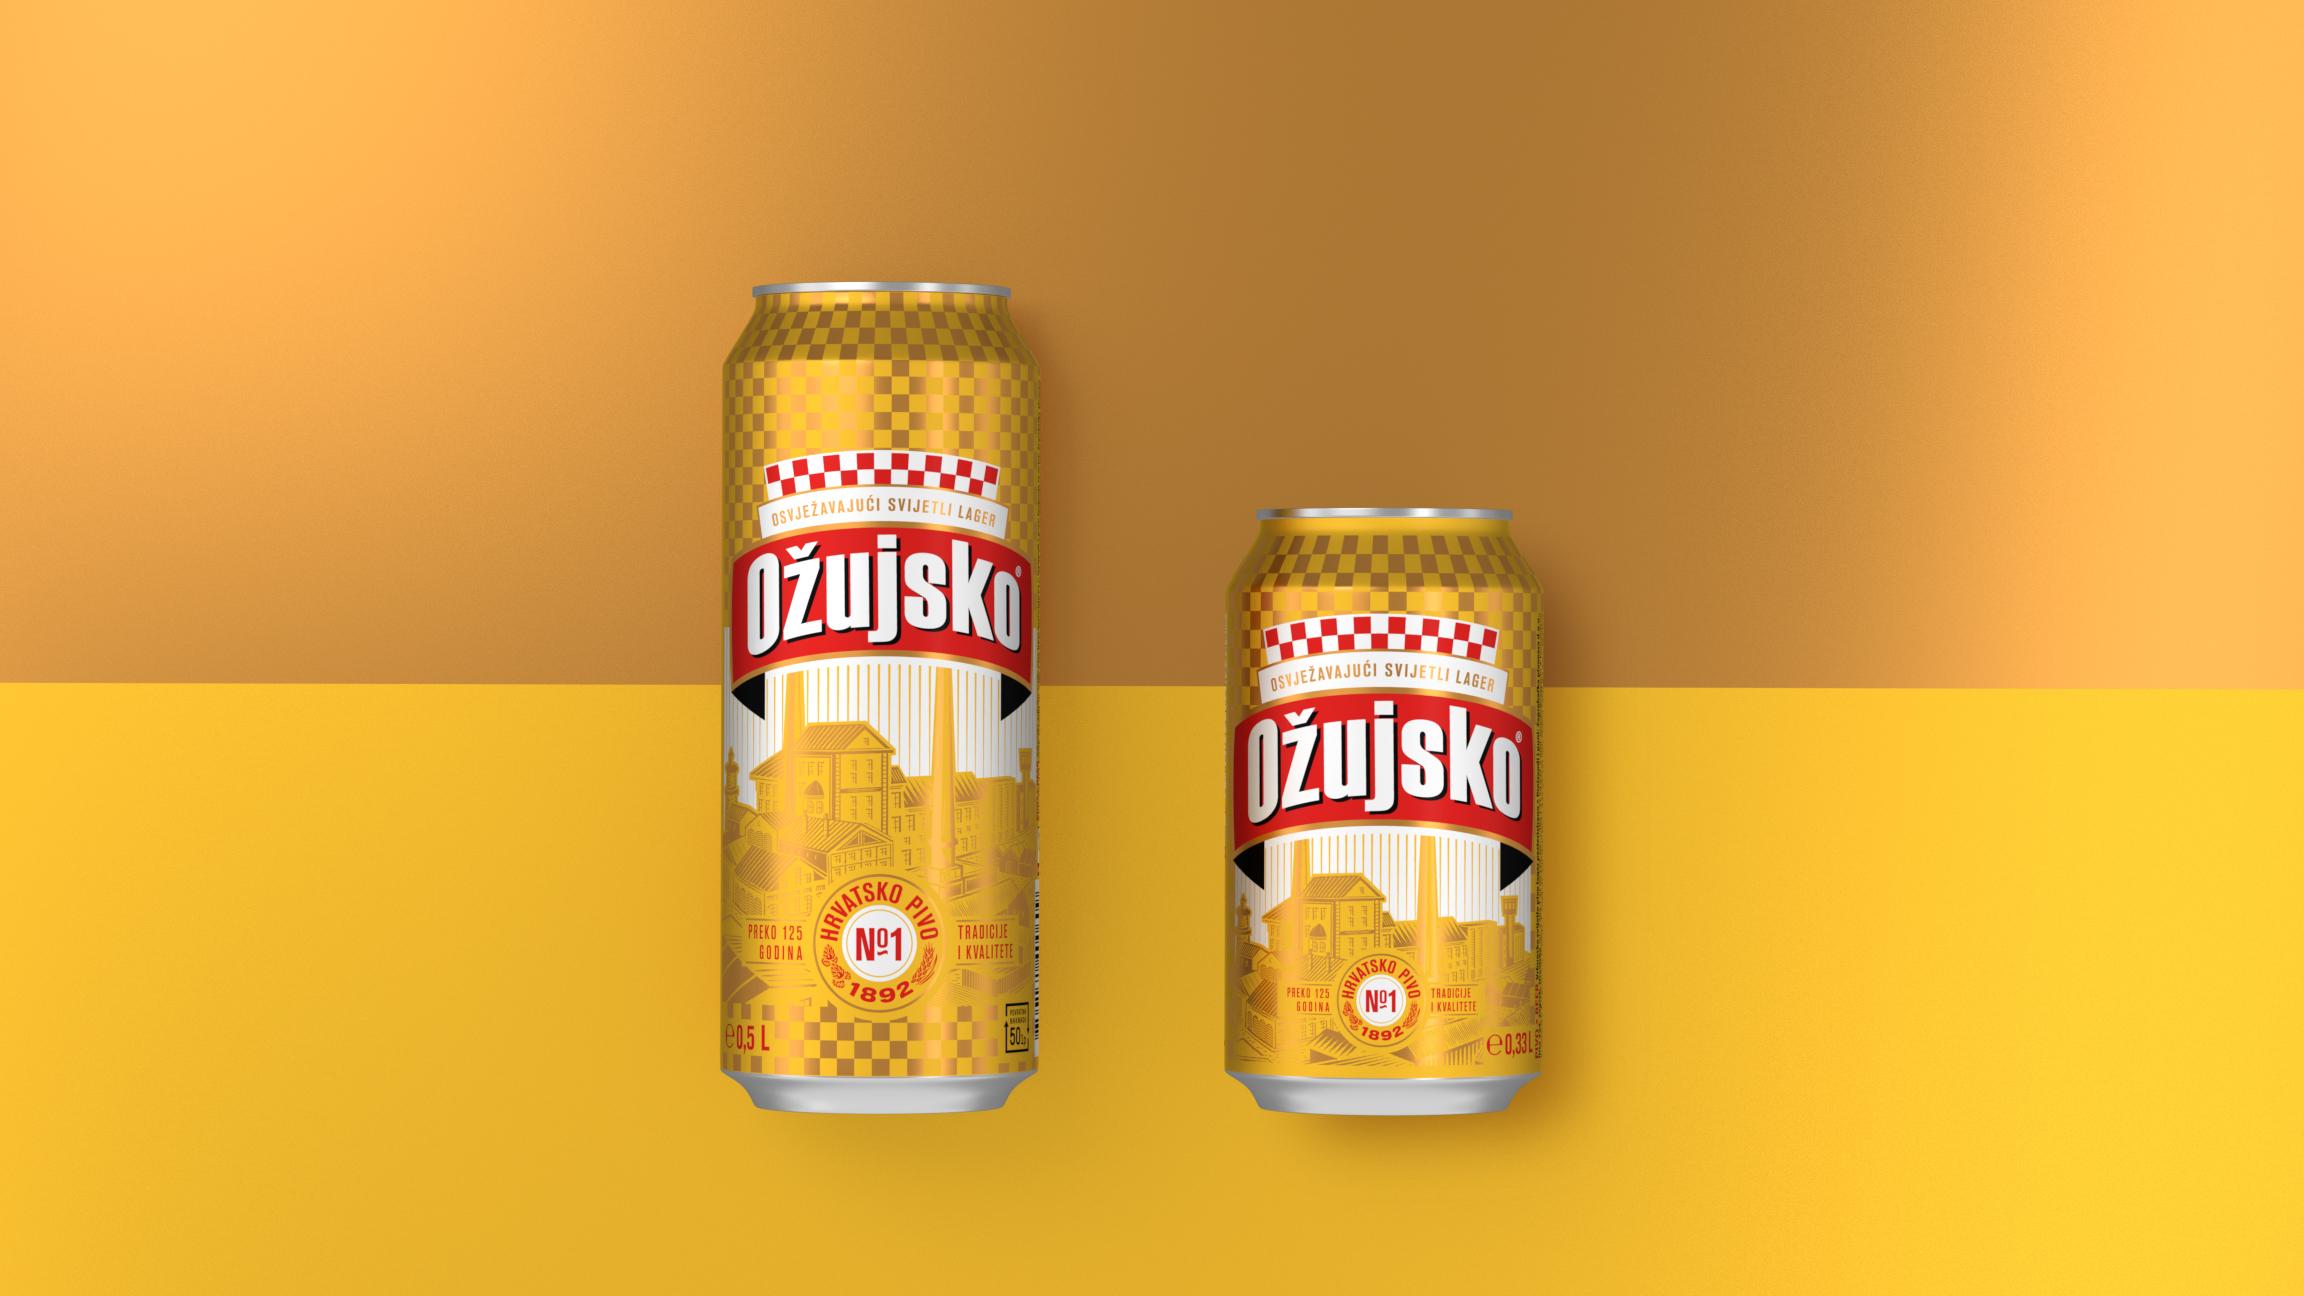 Cocoon Prague - Ožujsko 2019 Redesign1.jpg